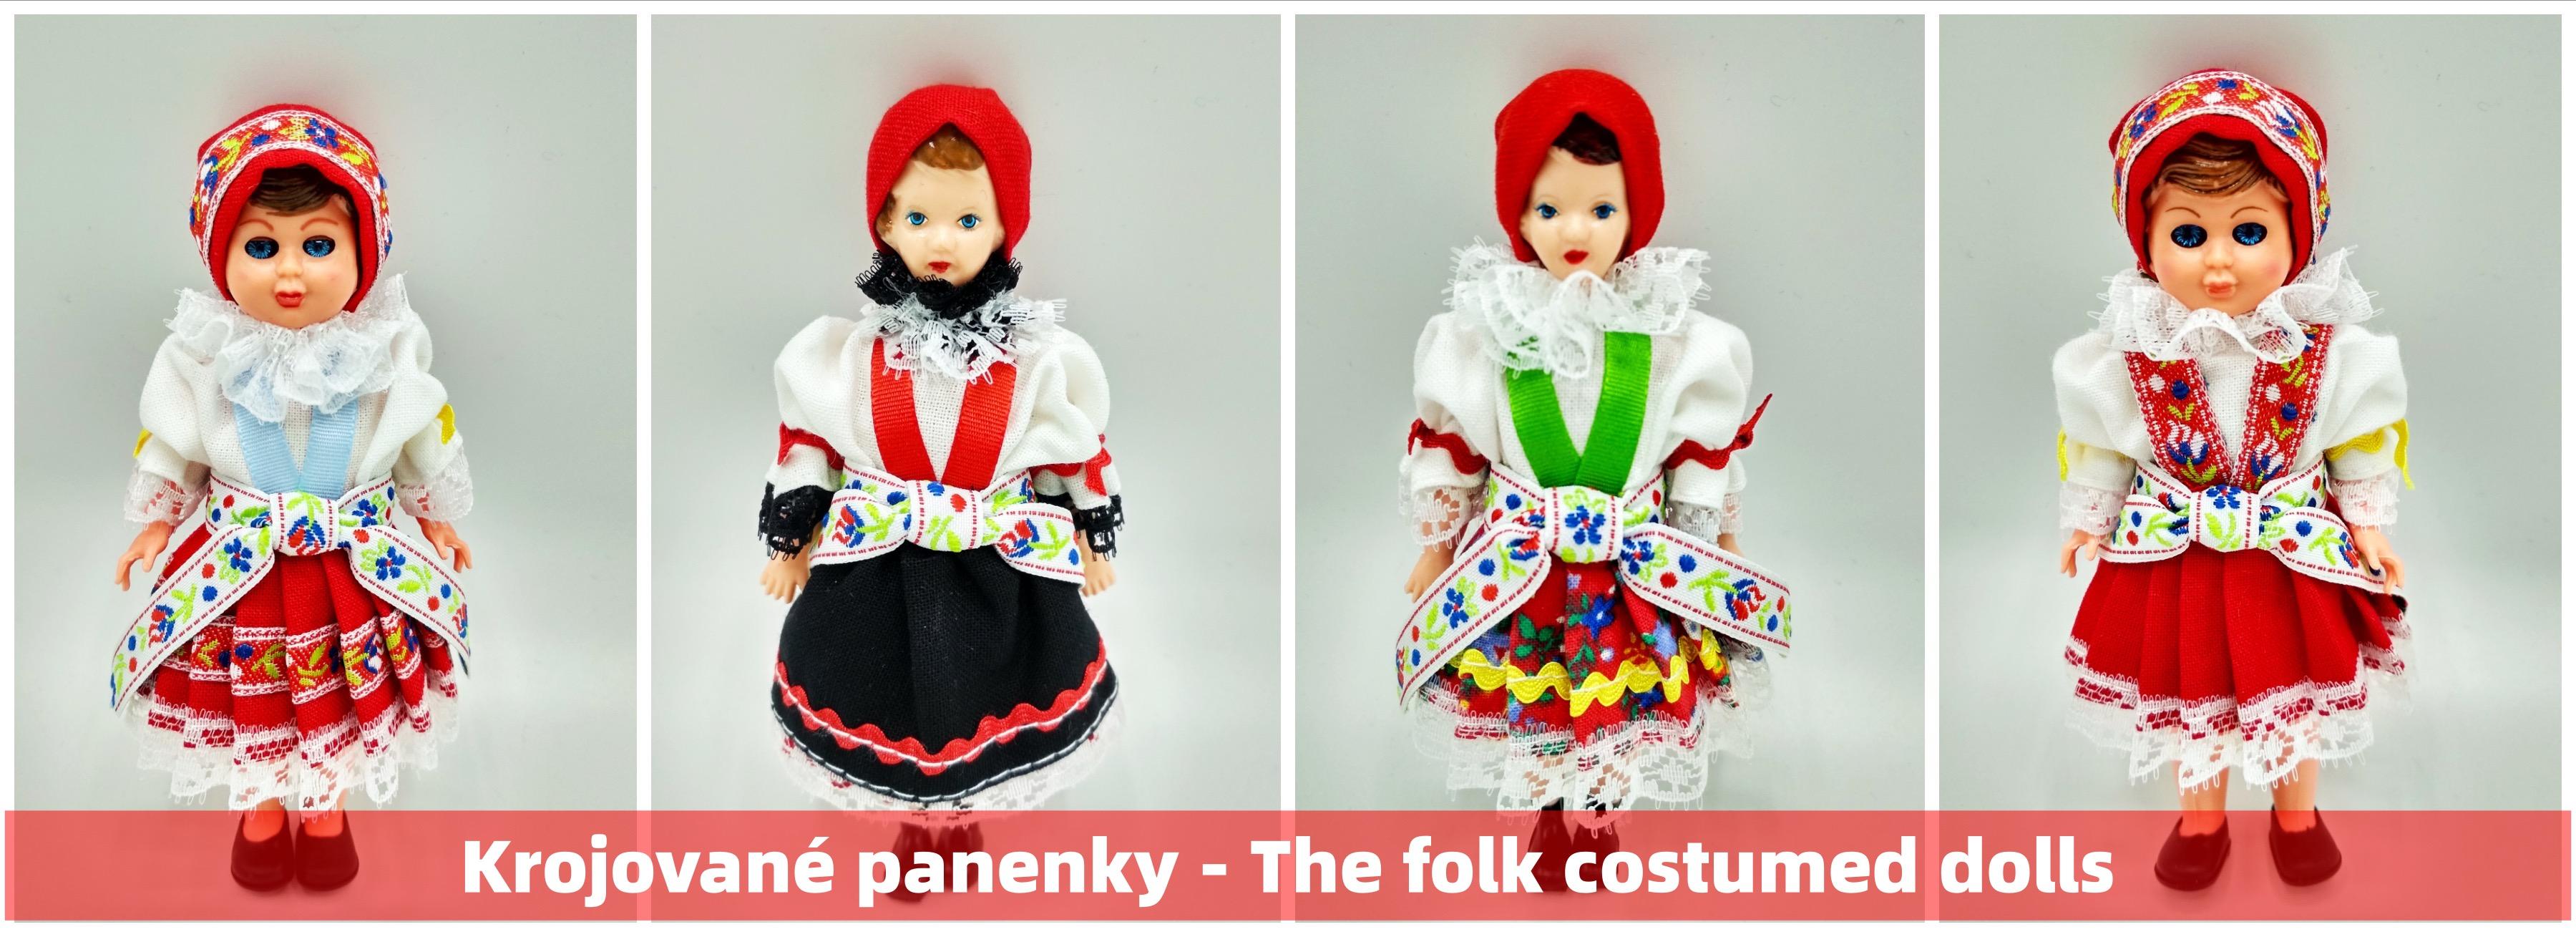 Krojované panenky - The folk costumed dolls